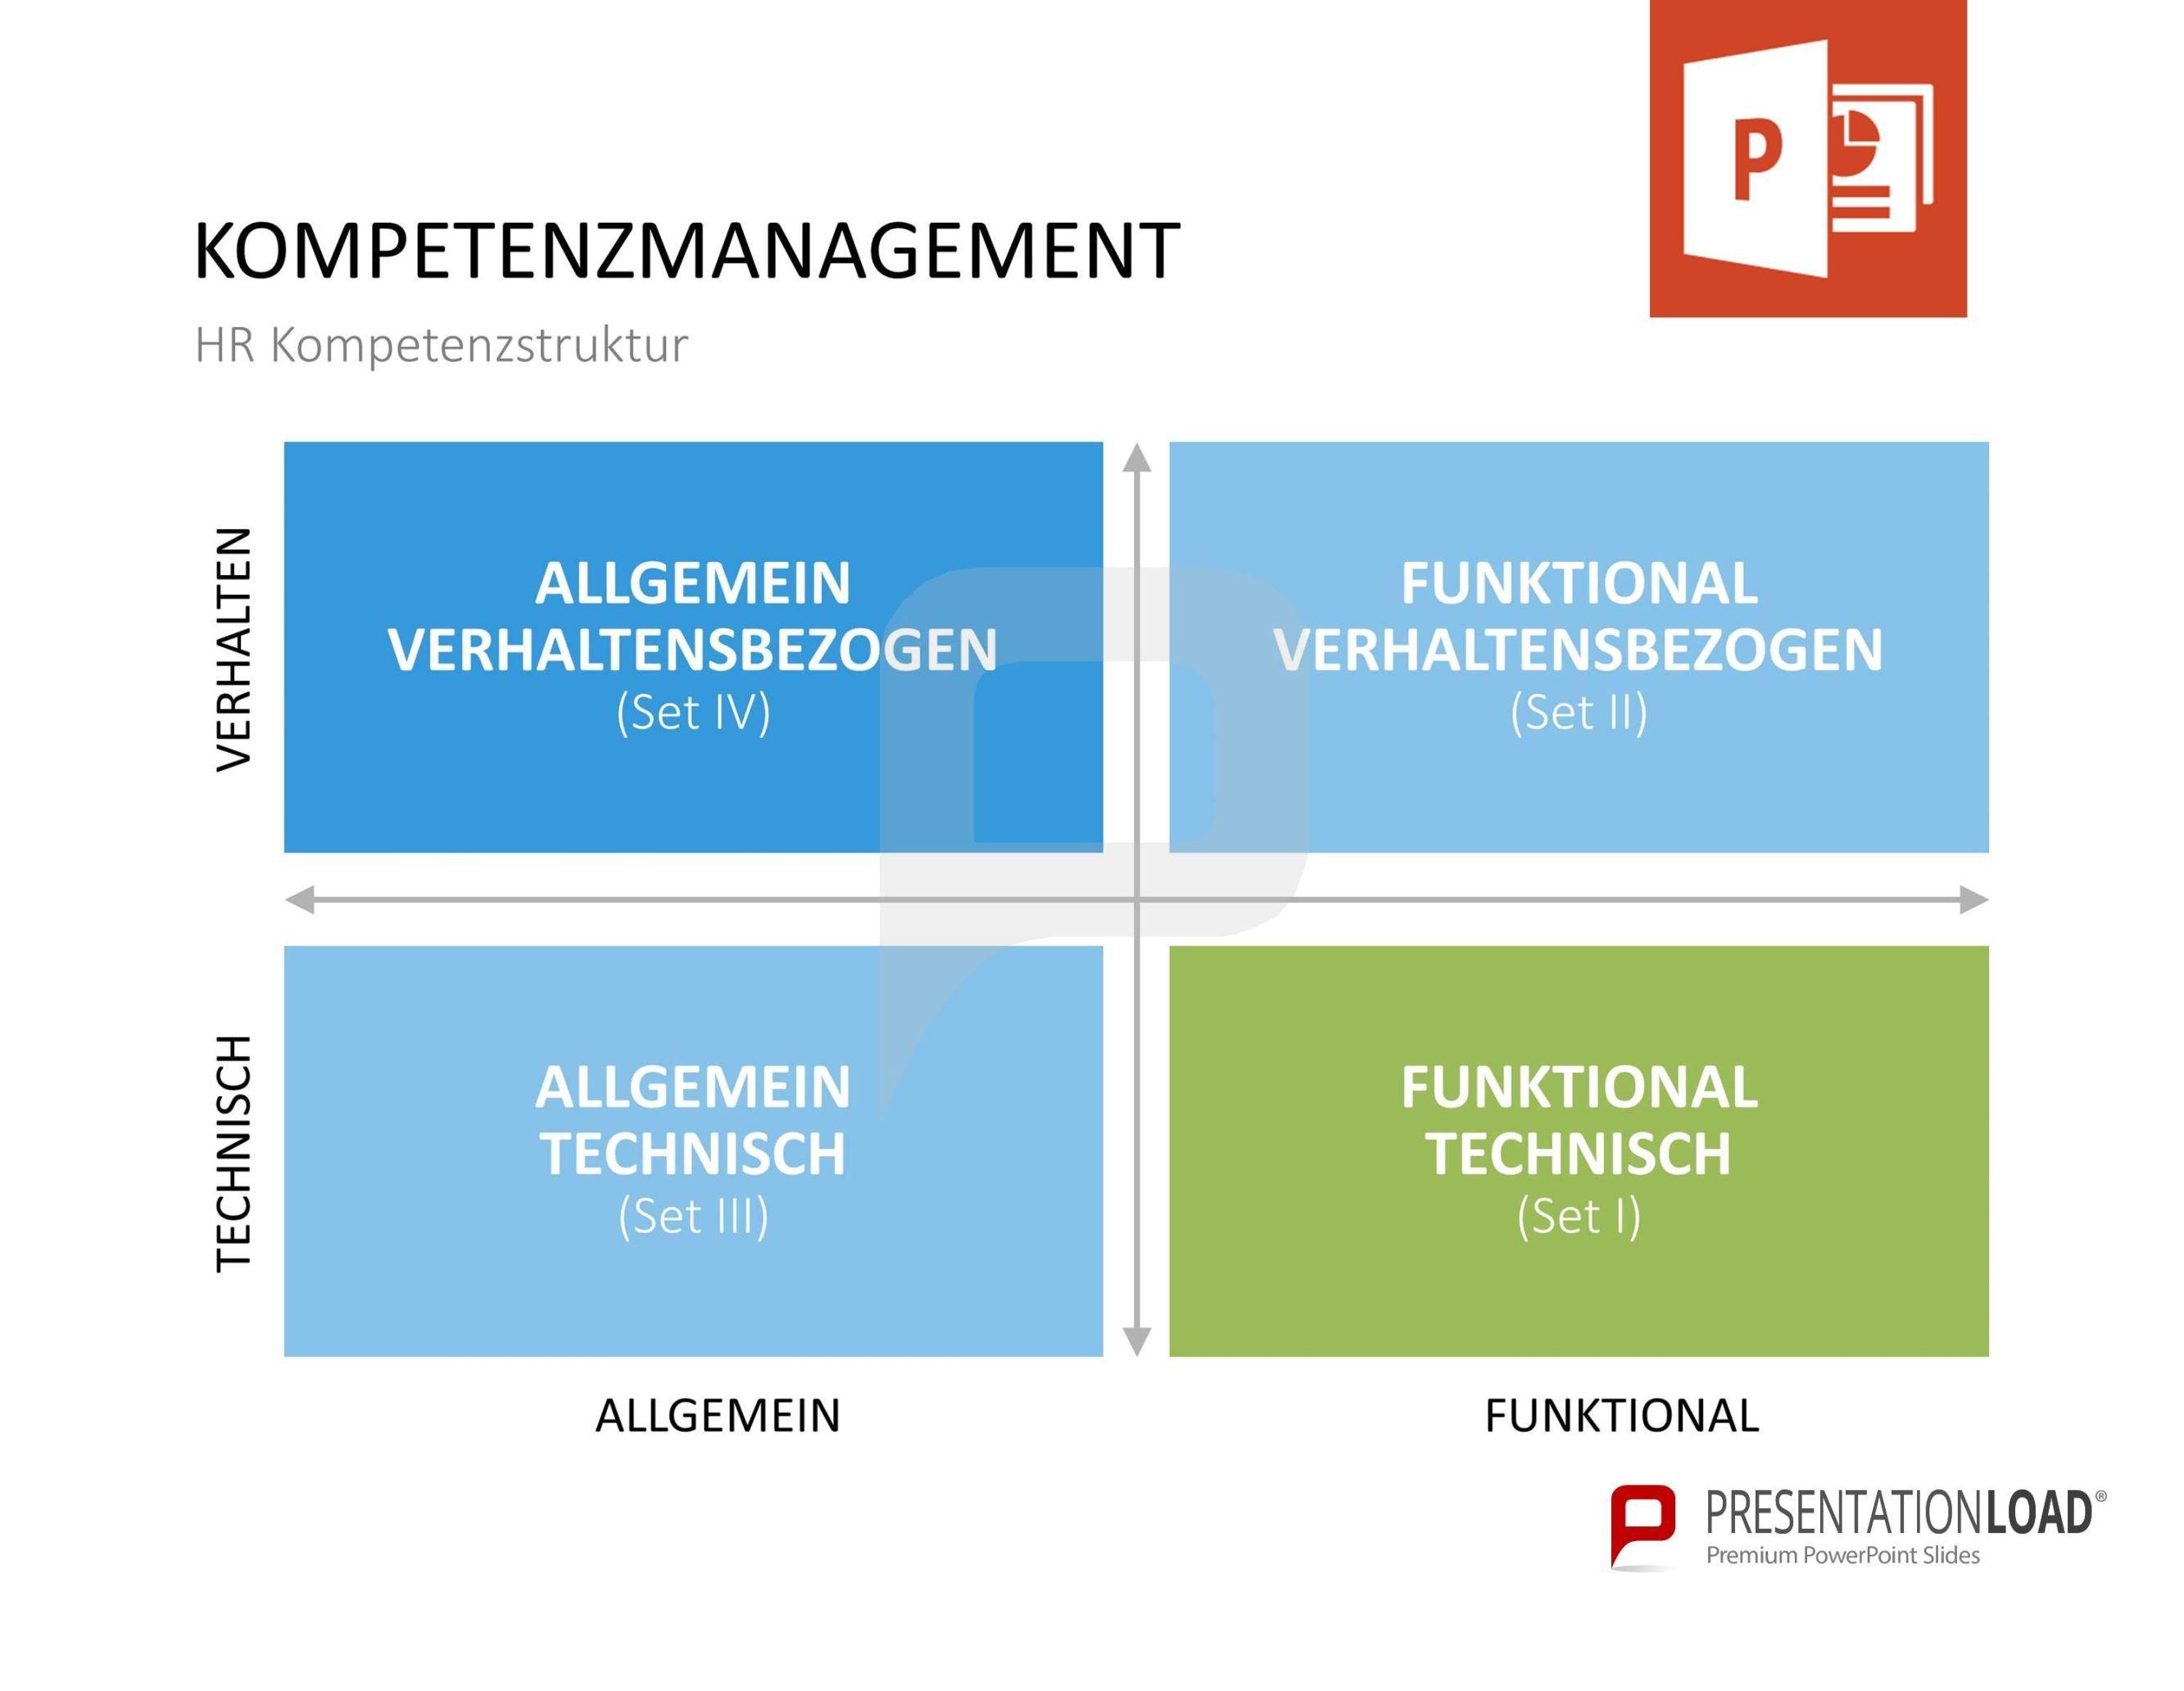 Kompetenzmanagement Kompetenzen Powerpoint Vorlagen Power Points